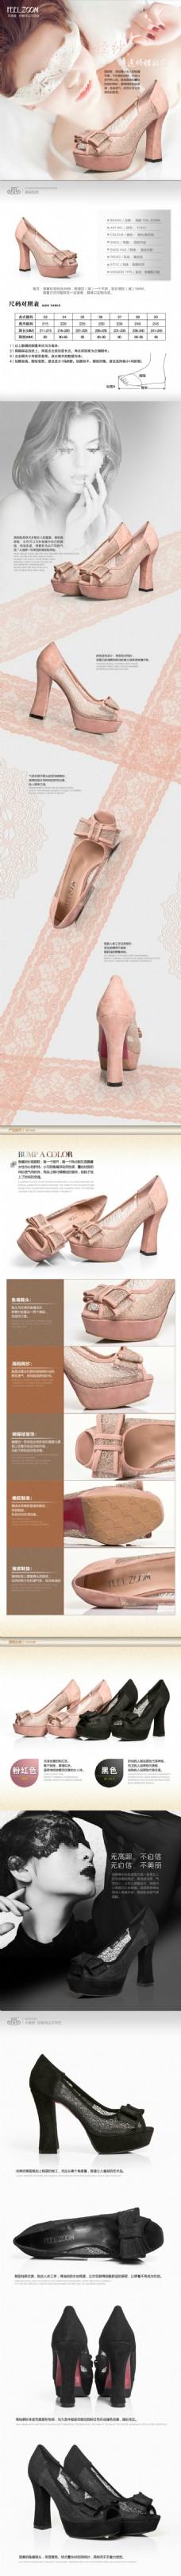 淘宝电商服装女士鞋业详情页模板设计